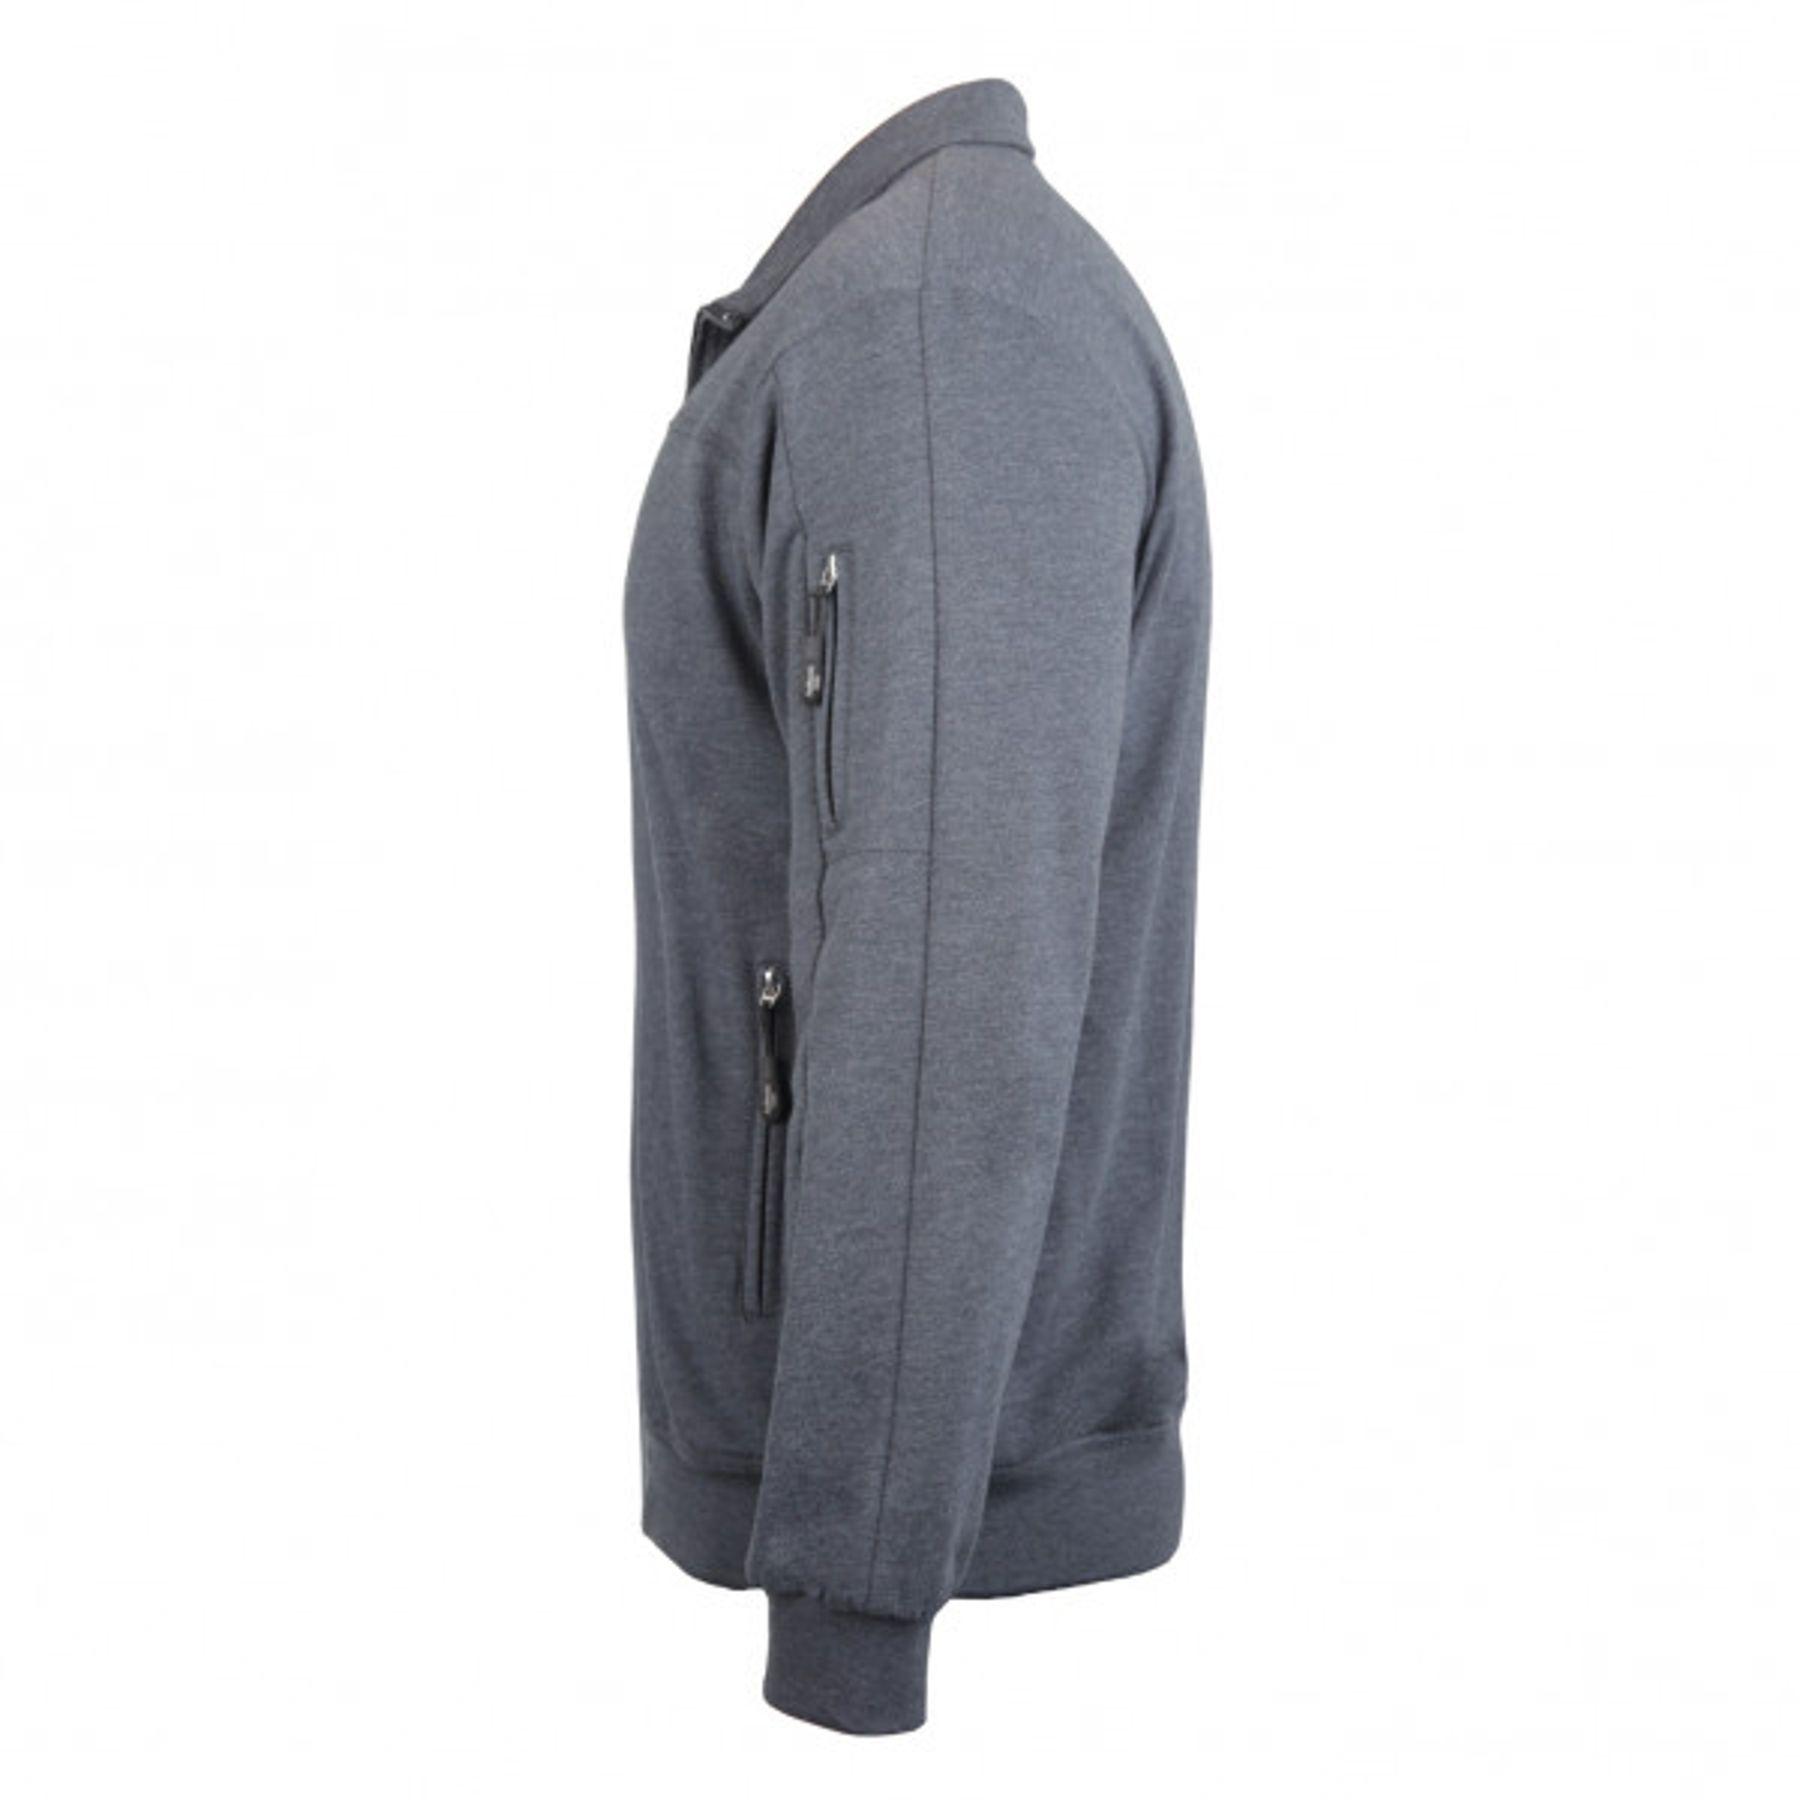 Authentic klein - Herren Sport und Freizeit Jacke aus Baumwolle in verschiedenen Farben (53036) – Bild 11